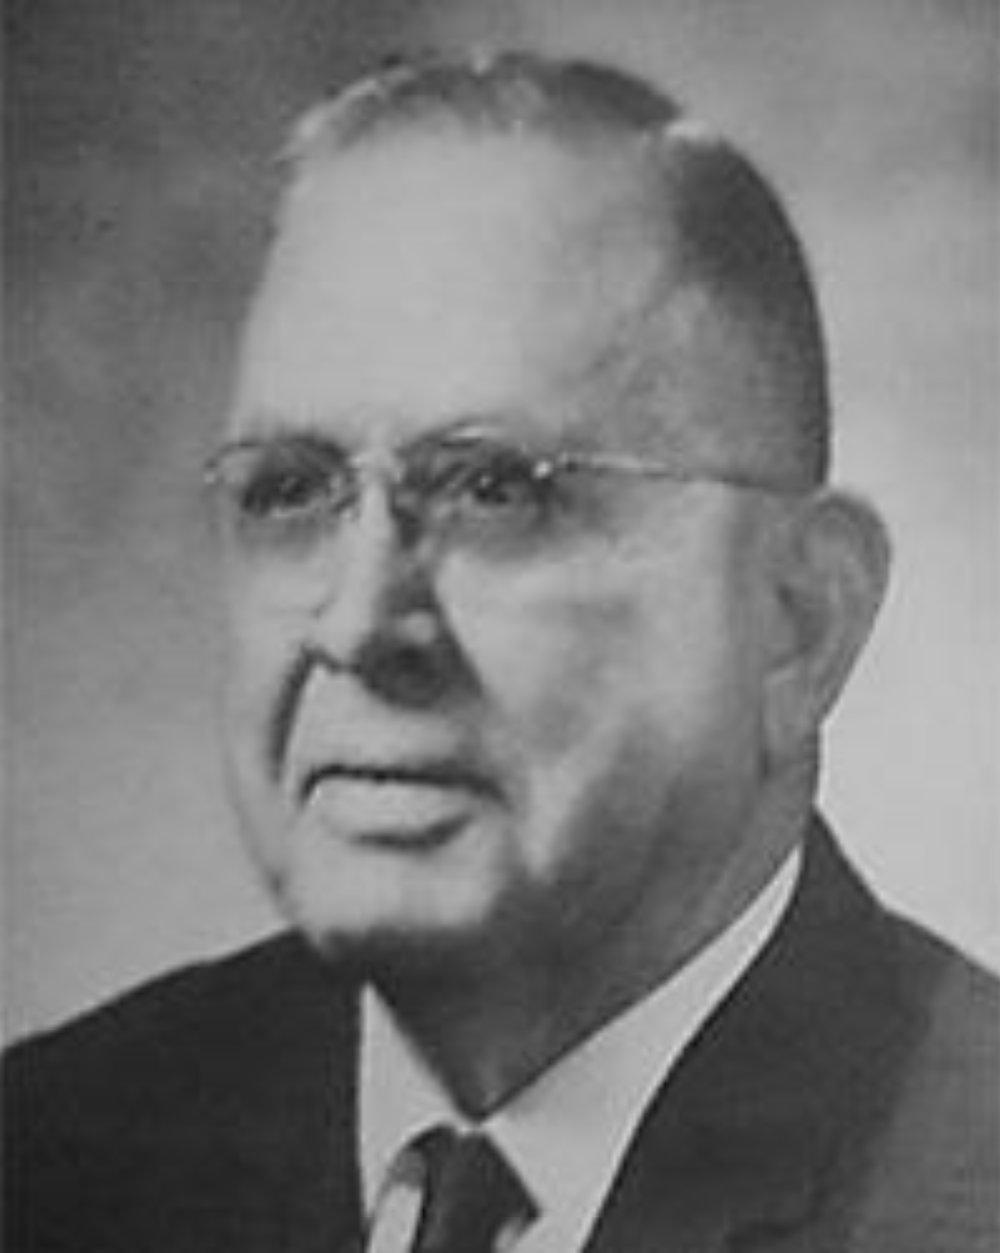 JOHN HERBERT WAGNER